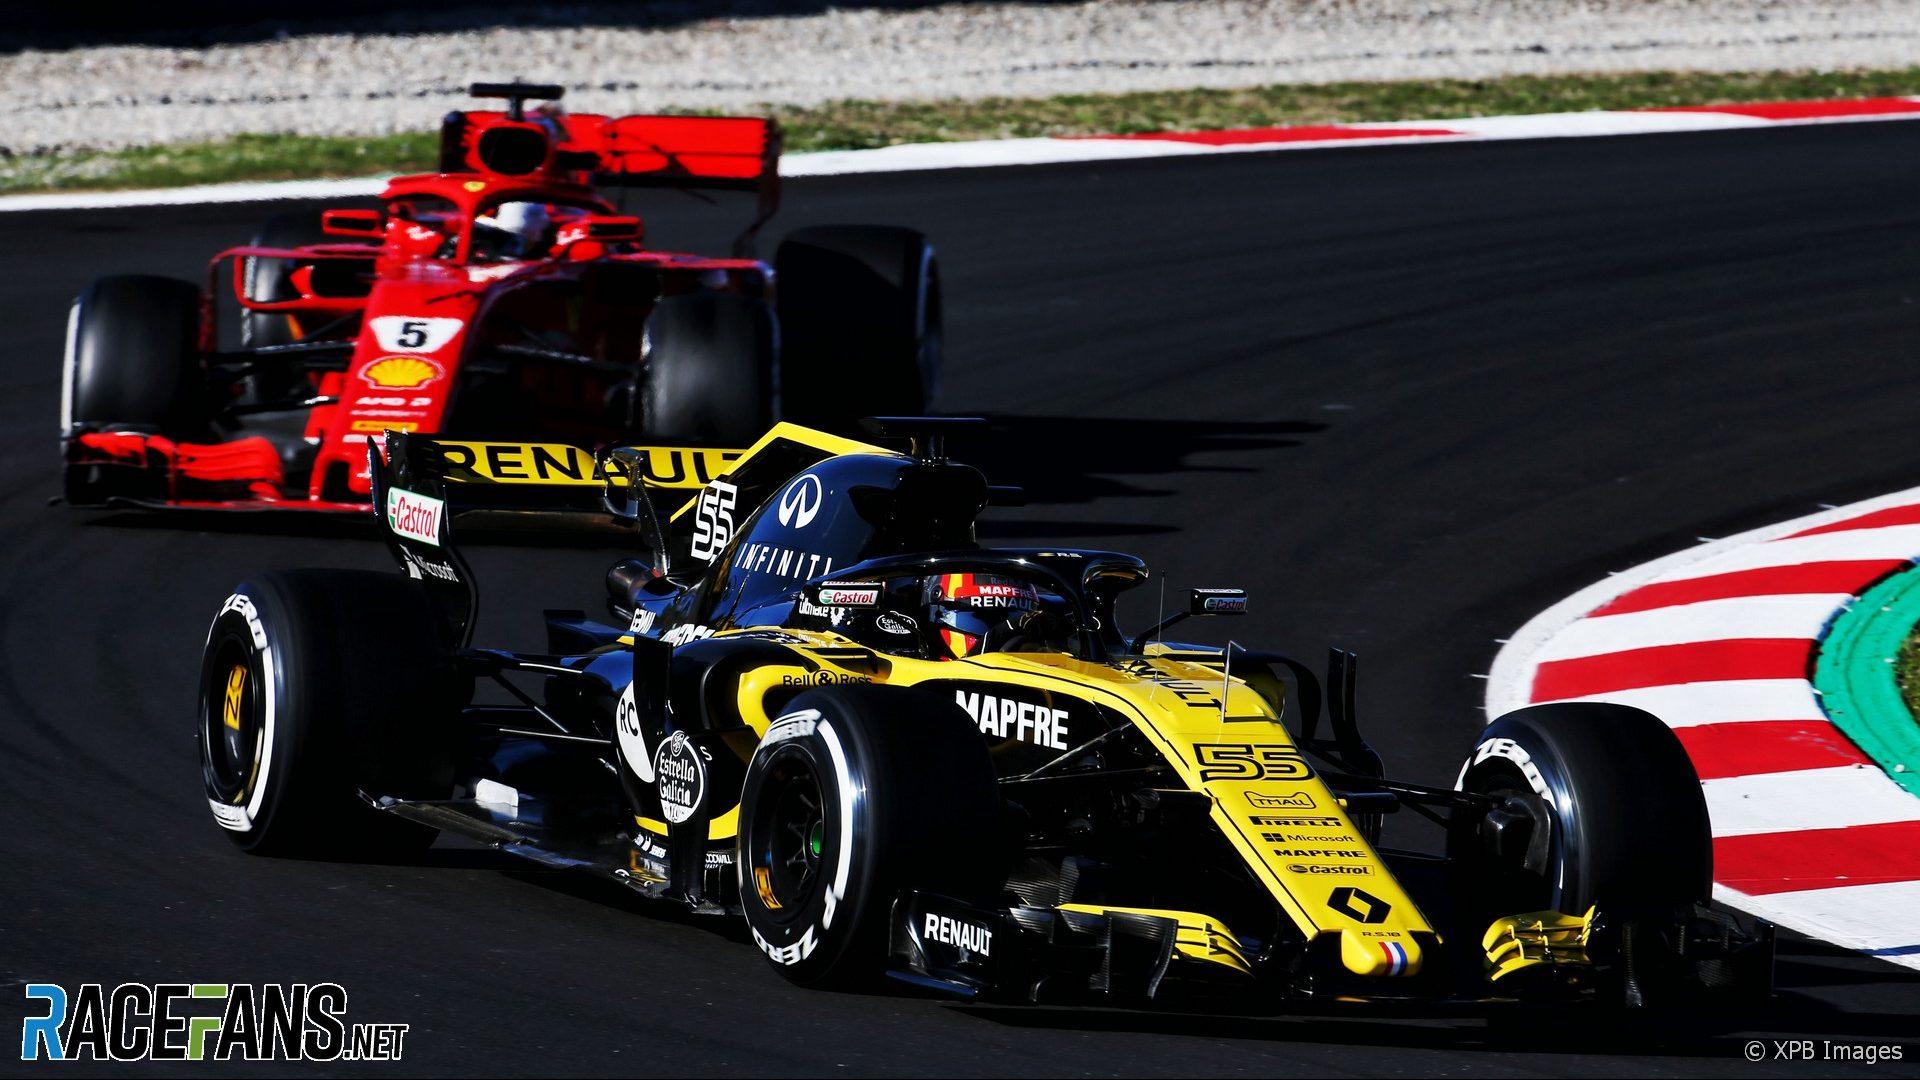 Carlos Sainz Jnr, Renault, Circuit de Catalunya, 2018